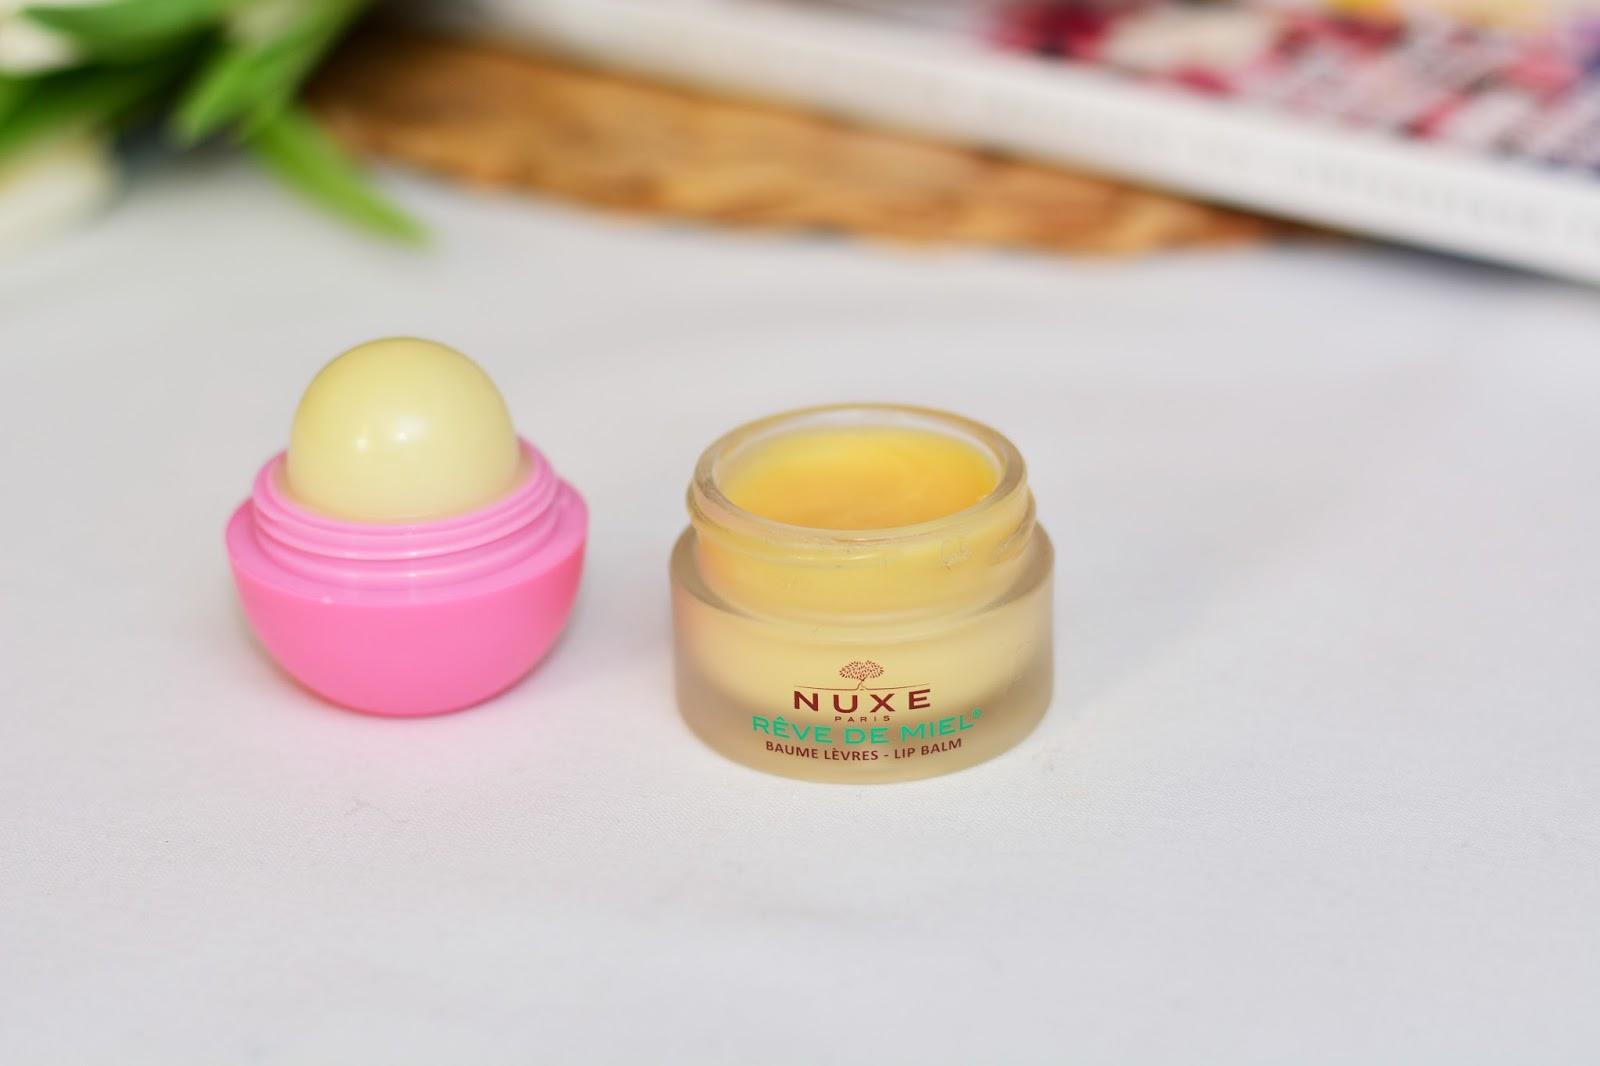 NUXE Rêve de Miel vs EOS Organic Lip Balm